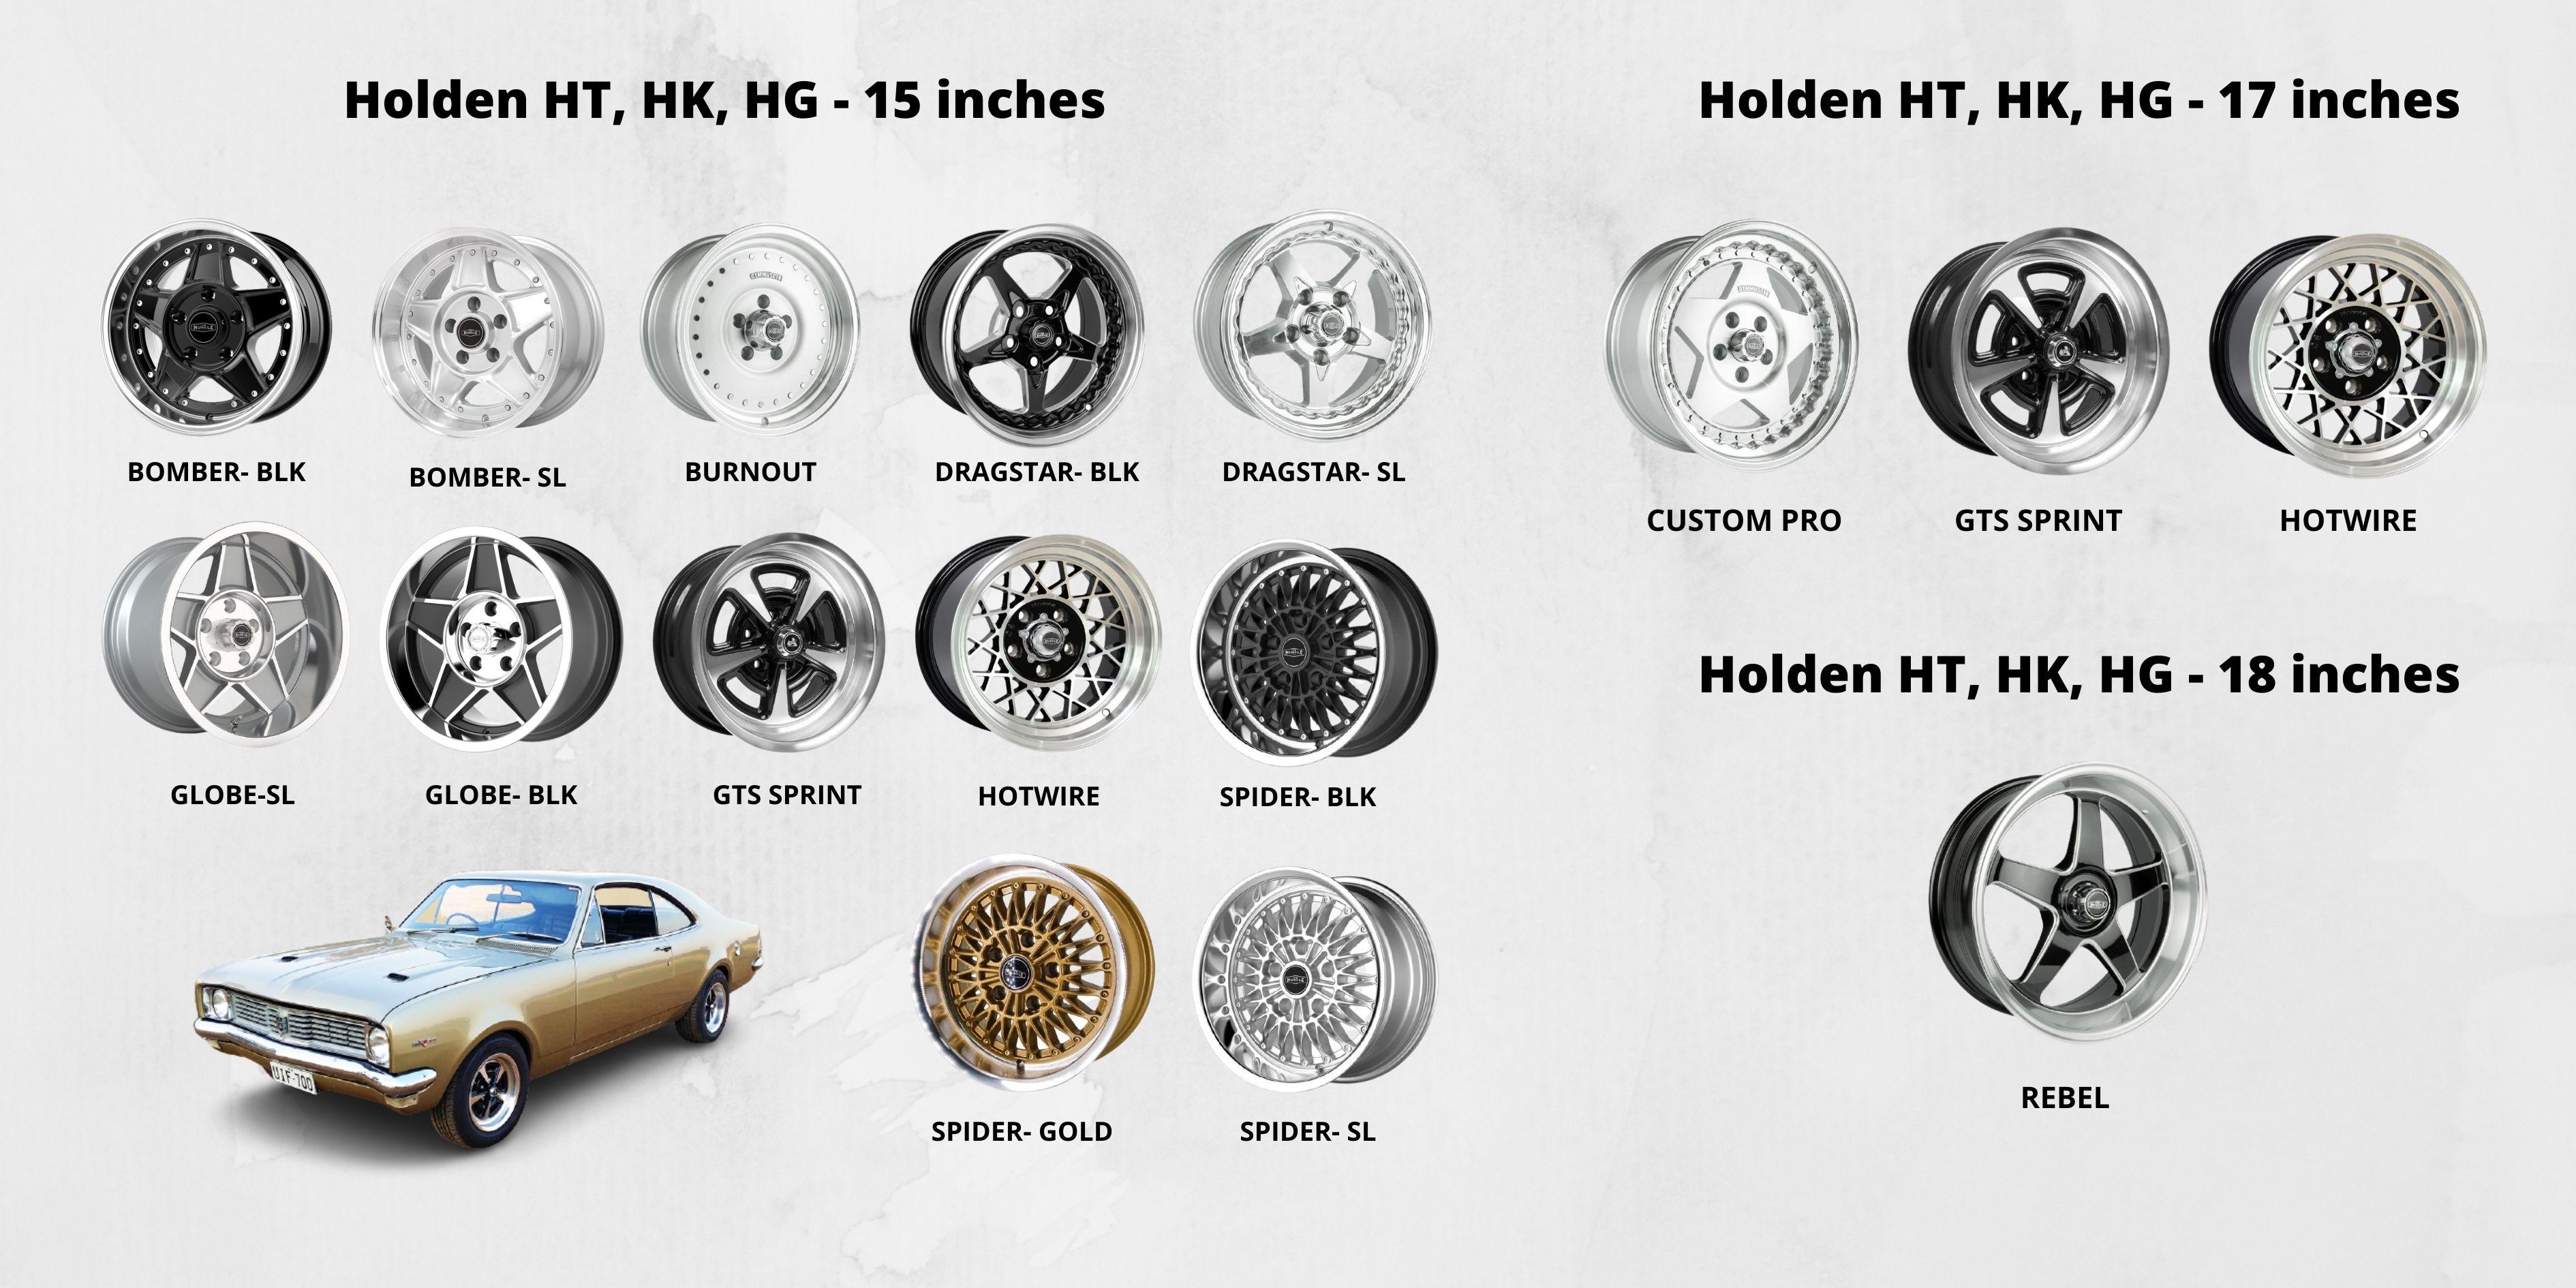 Holden HT-HK-HG